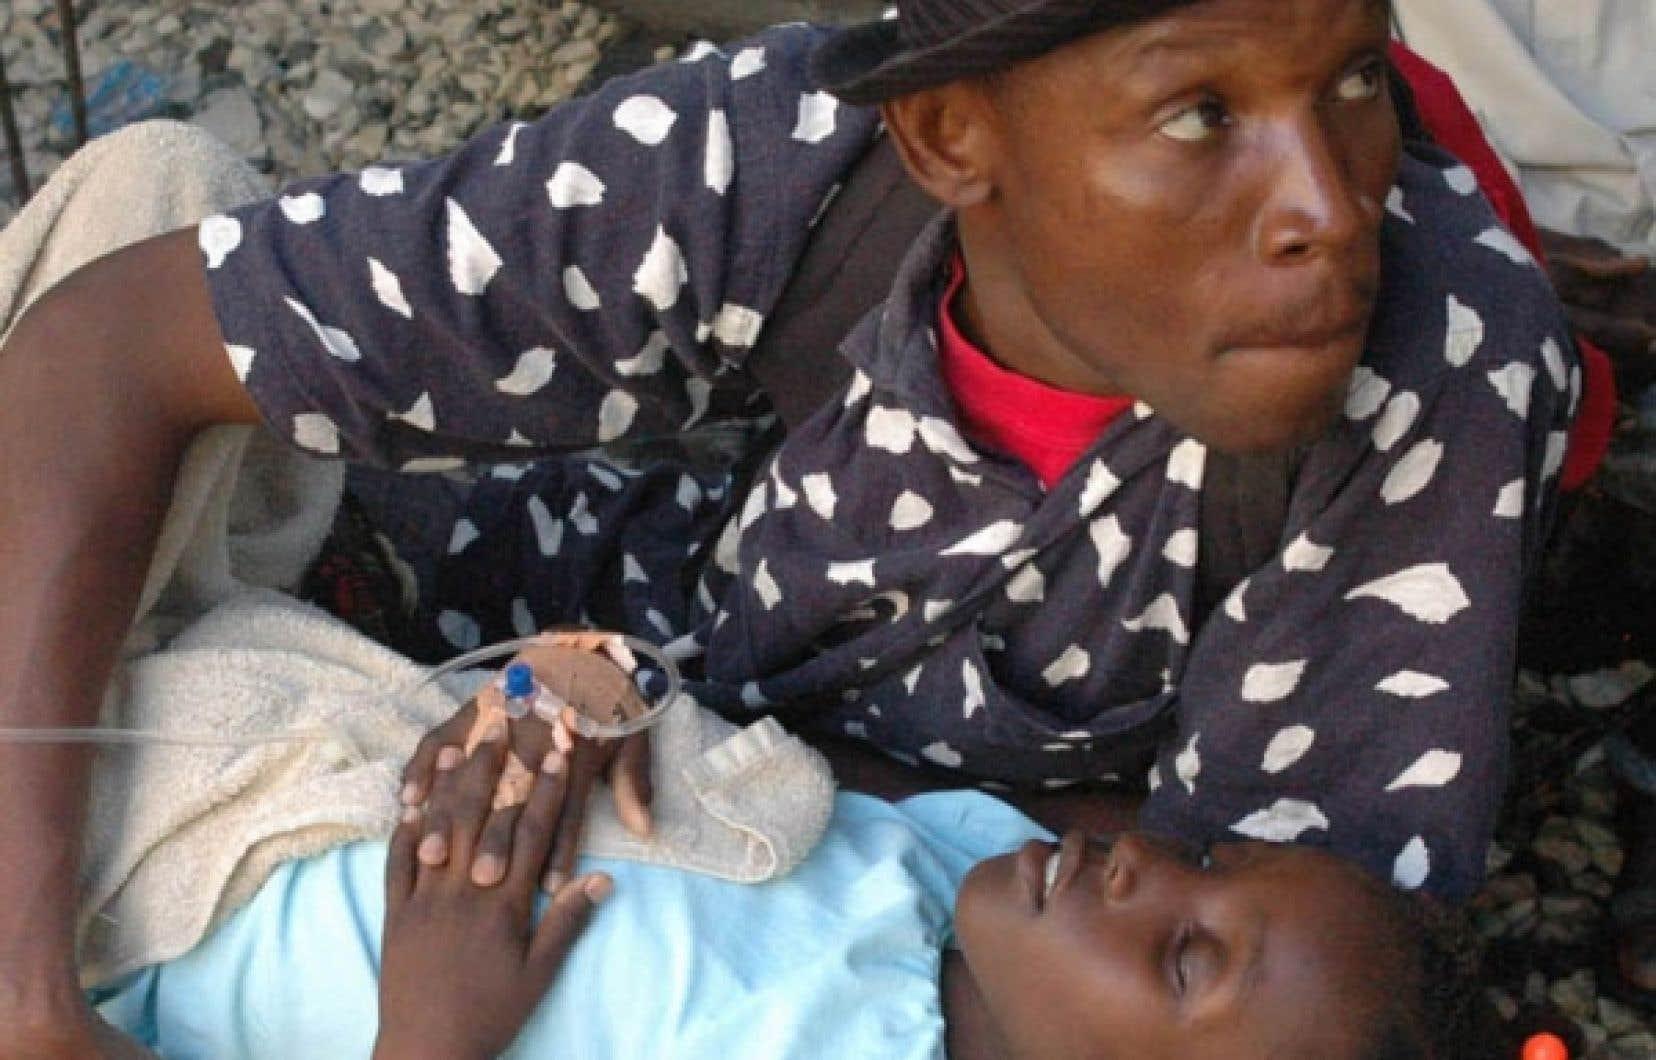 Près de 17 000 personnes ont été hospitalisées depuis le début de l'épidémie.